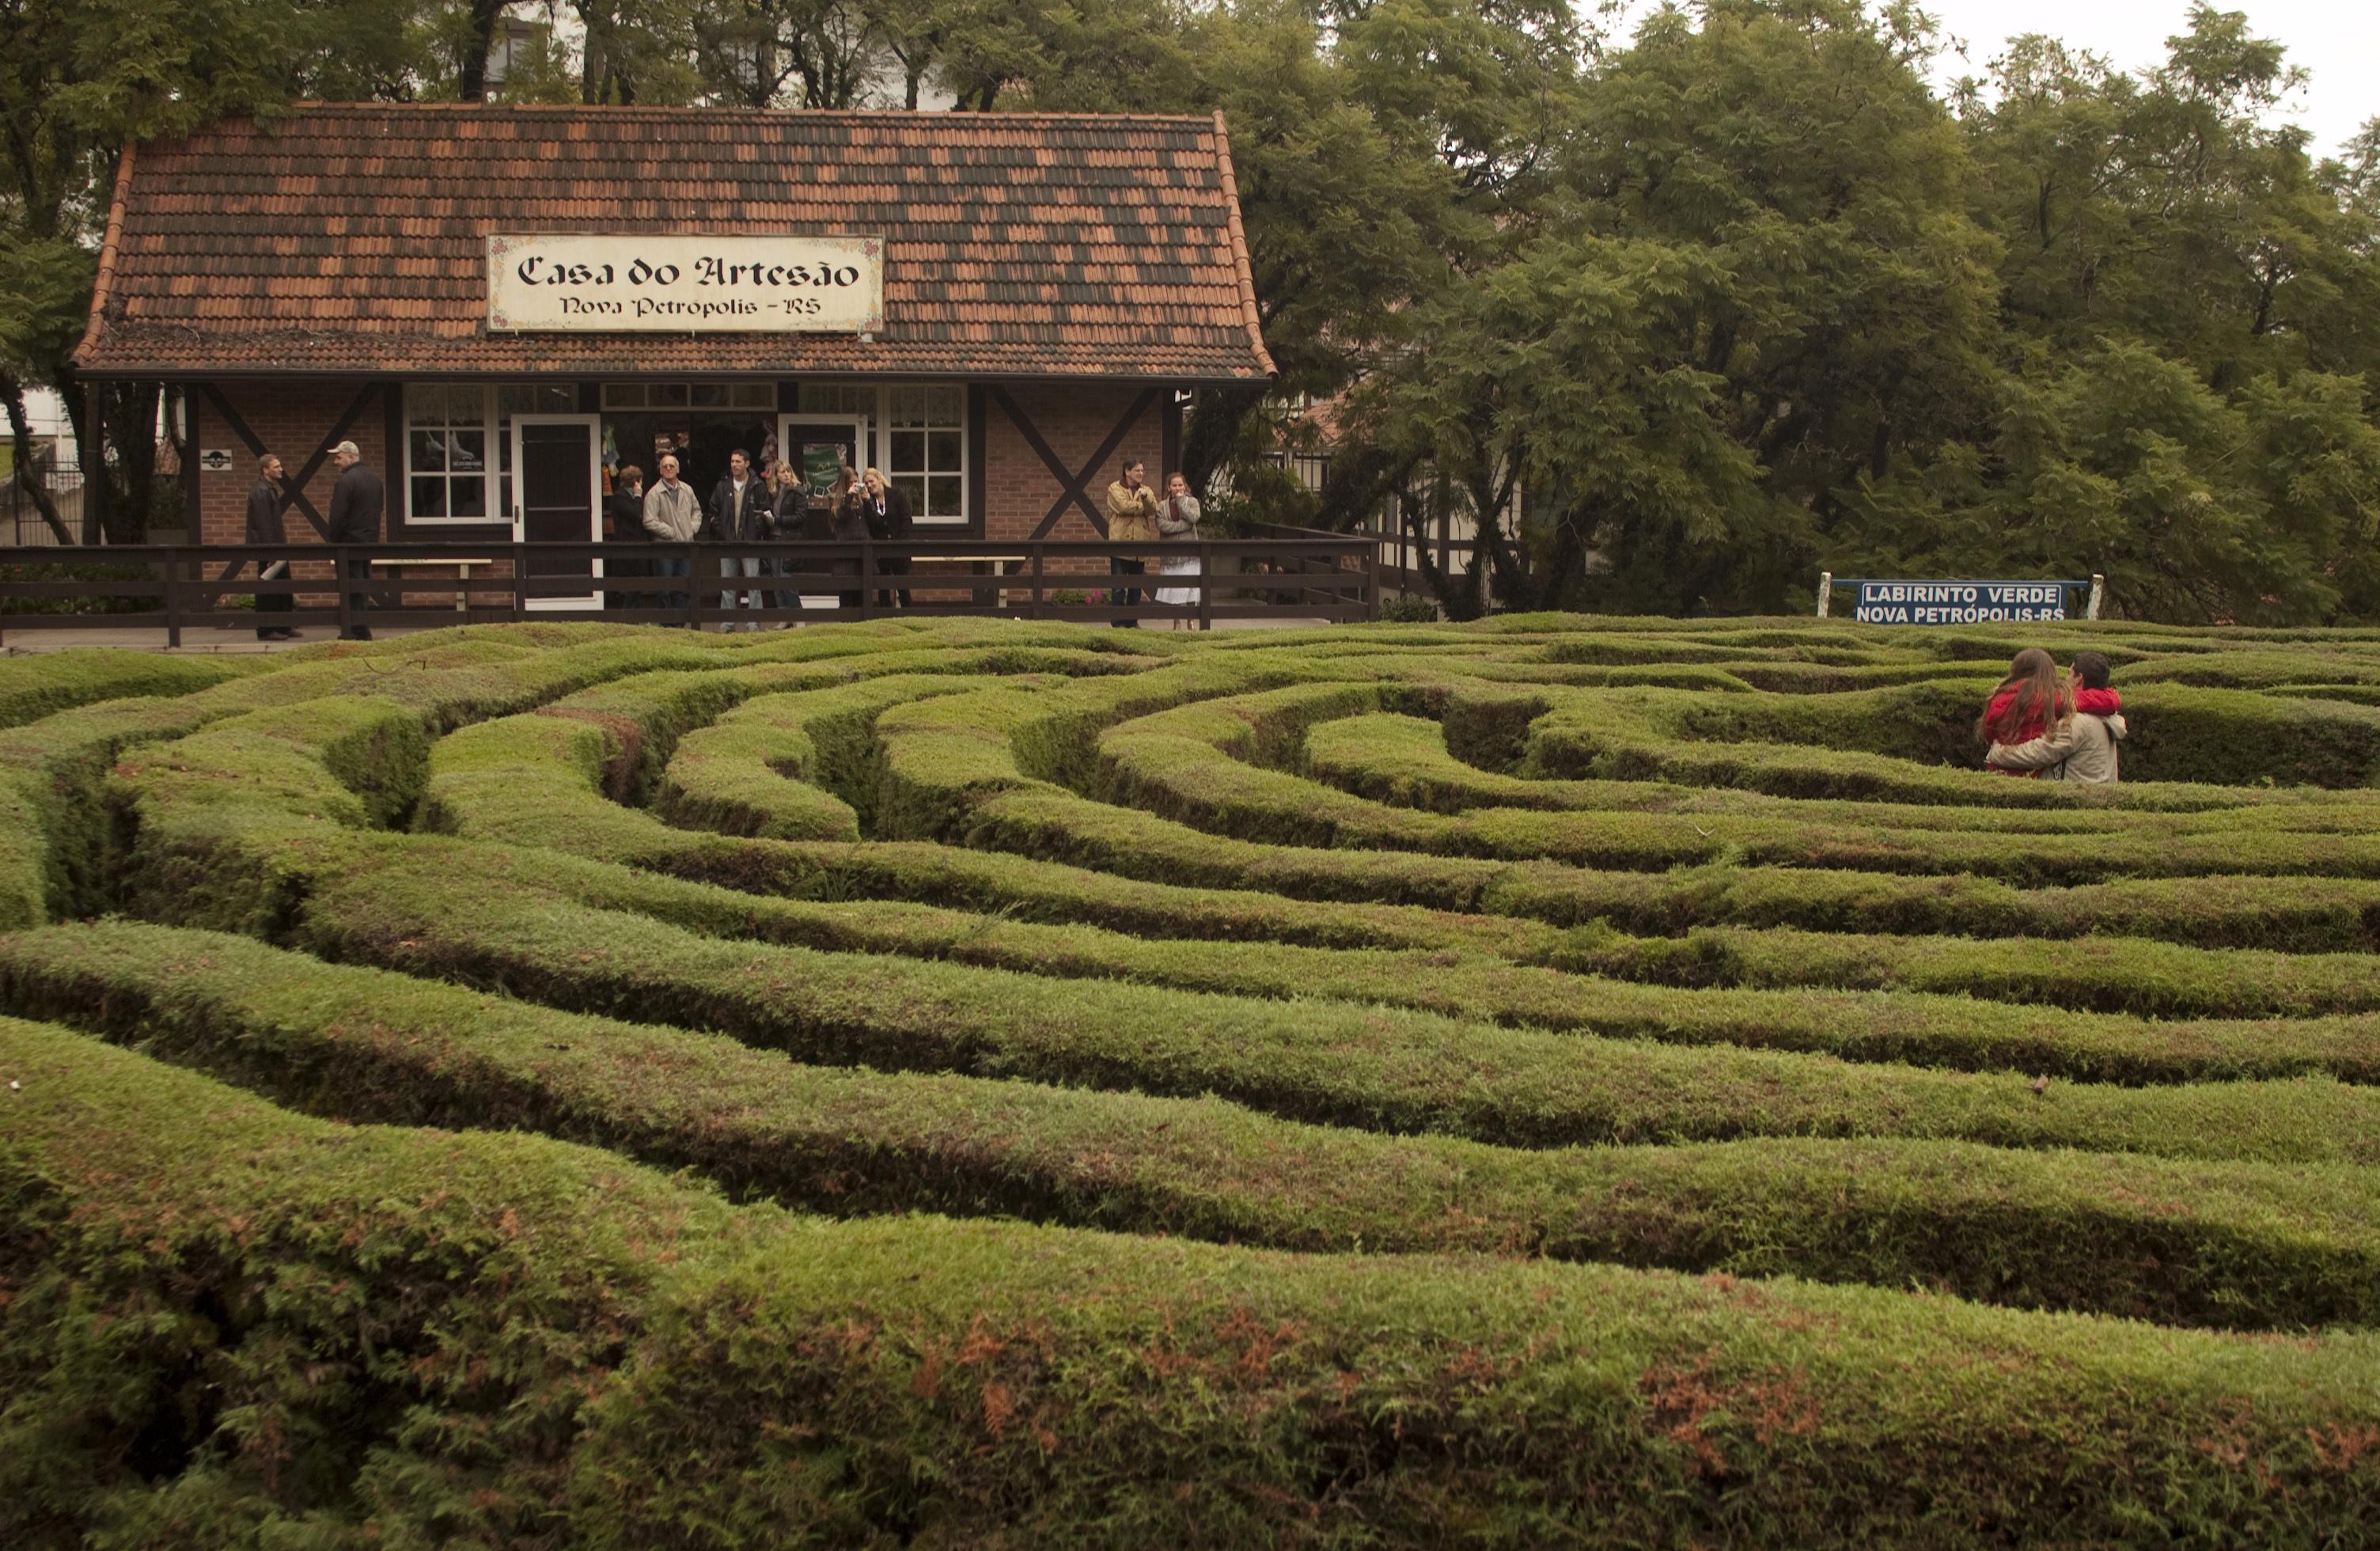 Labirinto Verde ou Praça do Labirinto. Casa do Artesão ao fundo, na Serra Gaúcha